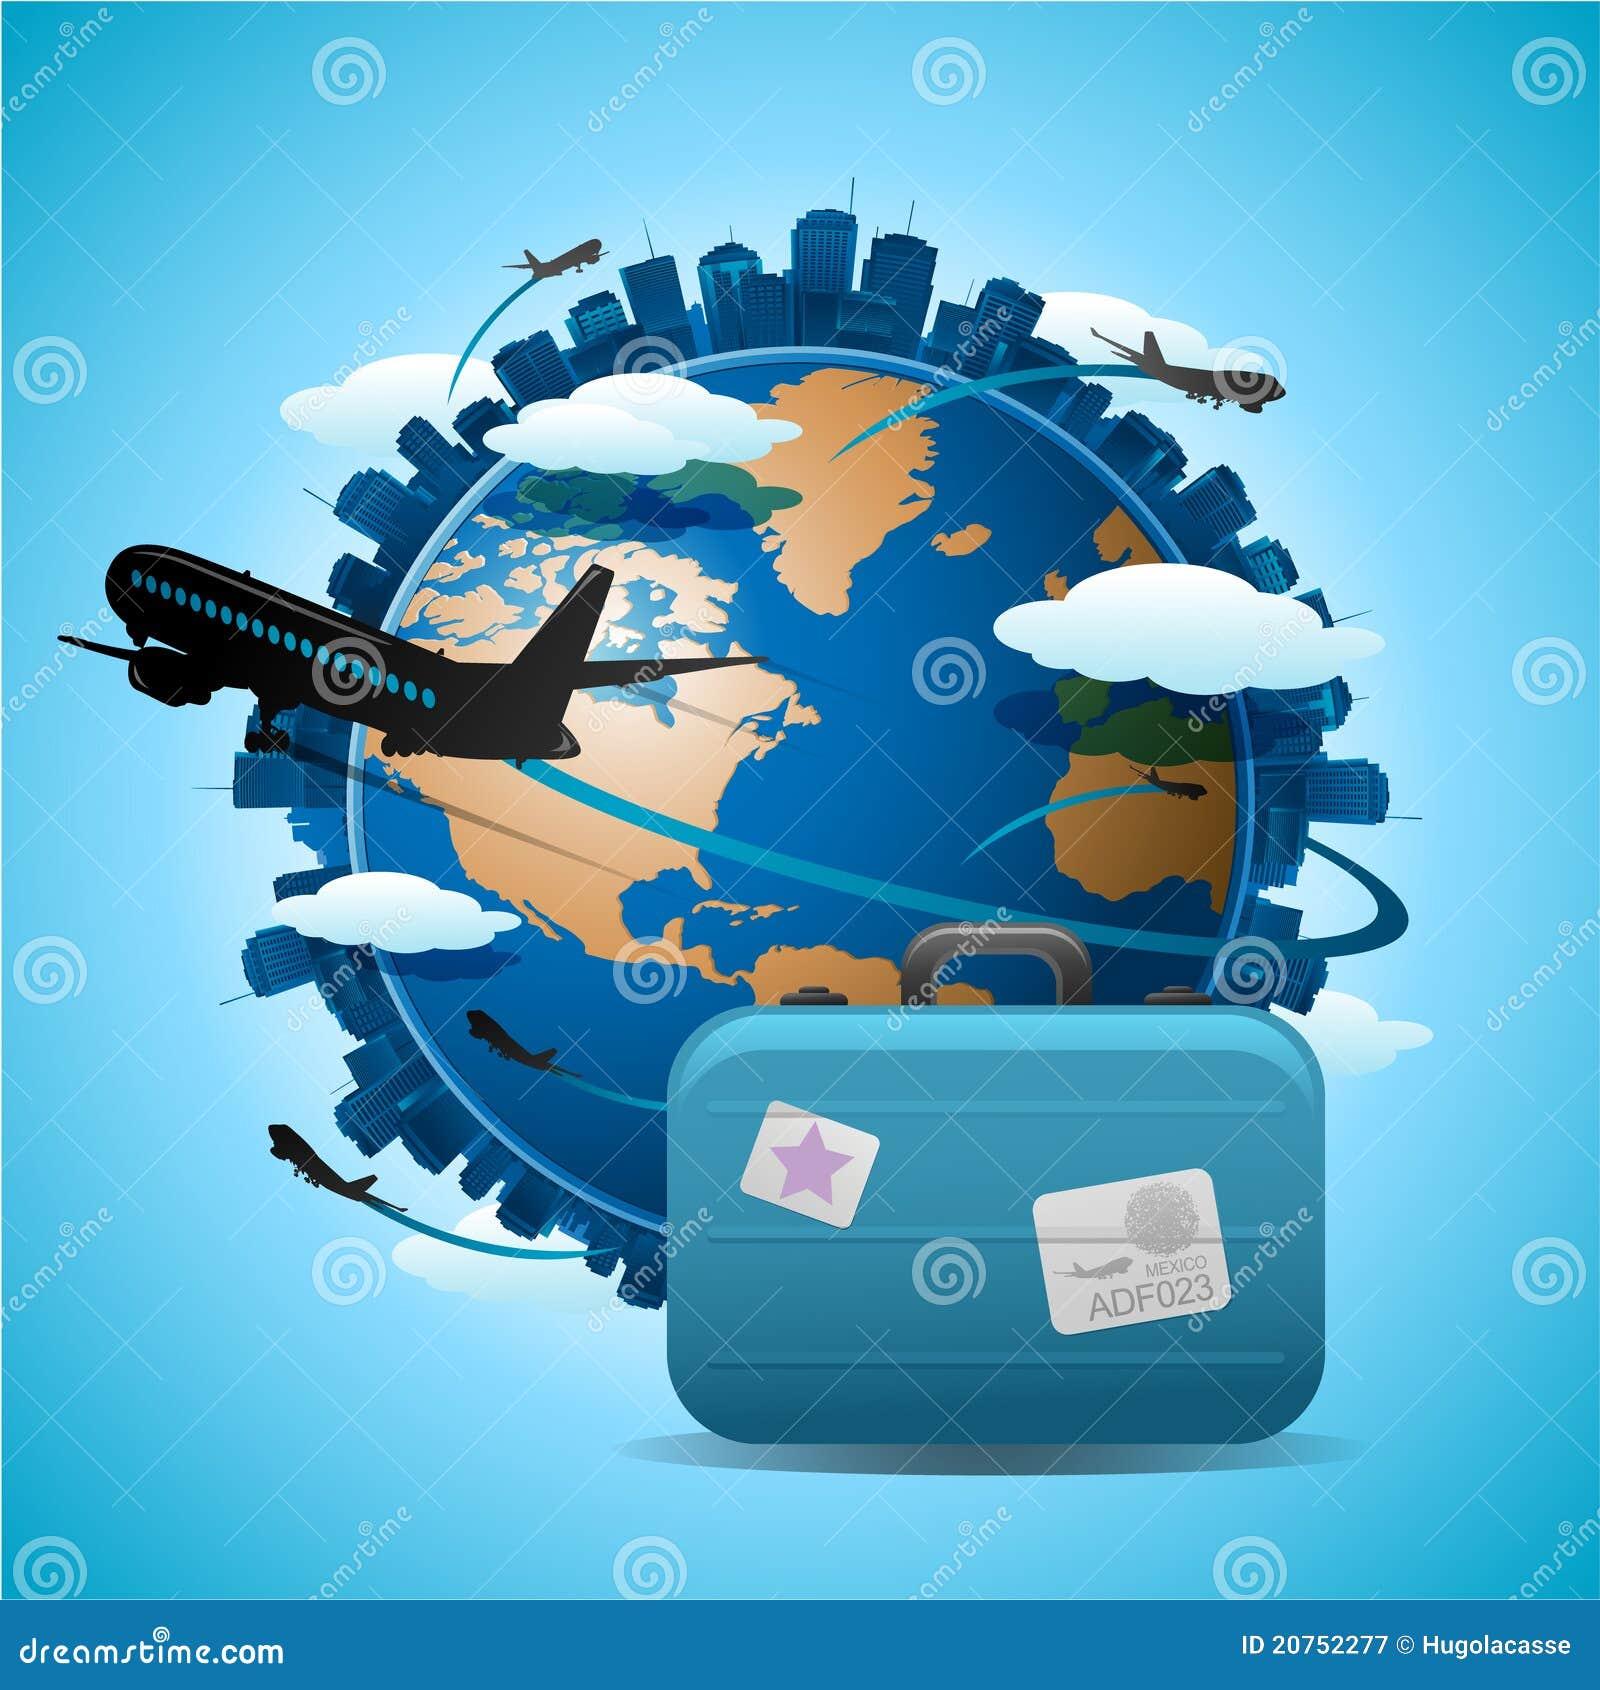 在概念地球旅行旅行附近的飞机.图片